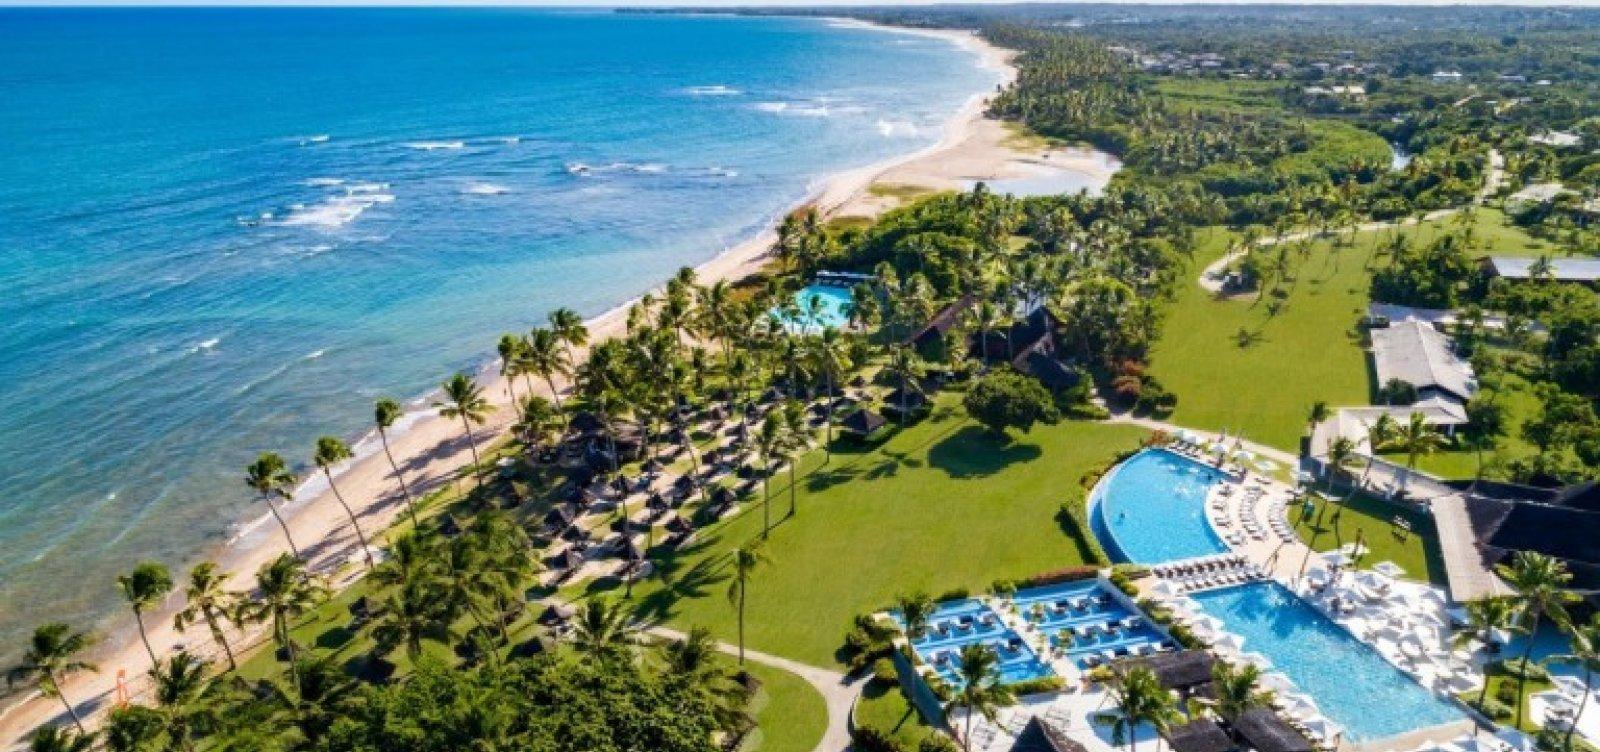 [Superintendente do Ibama-BA cancela multa milionária e libera obras de resort em área de procriação de tartarugas]